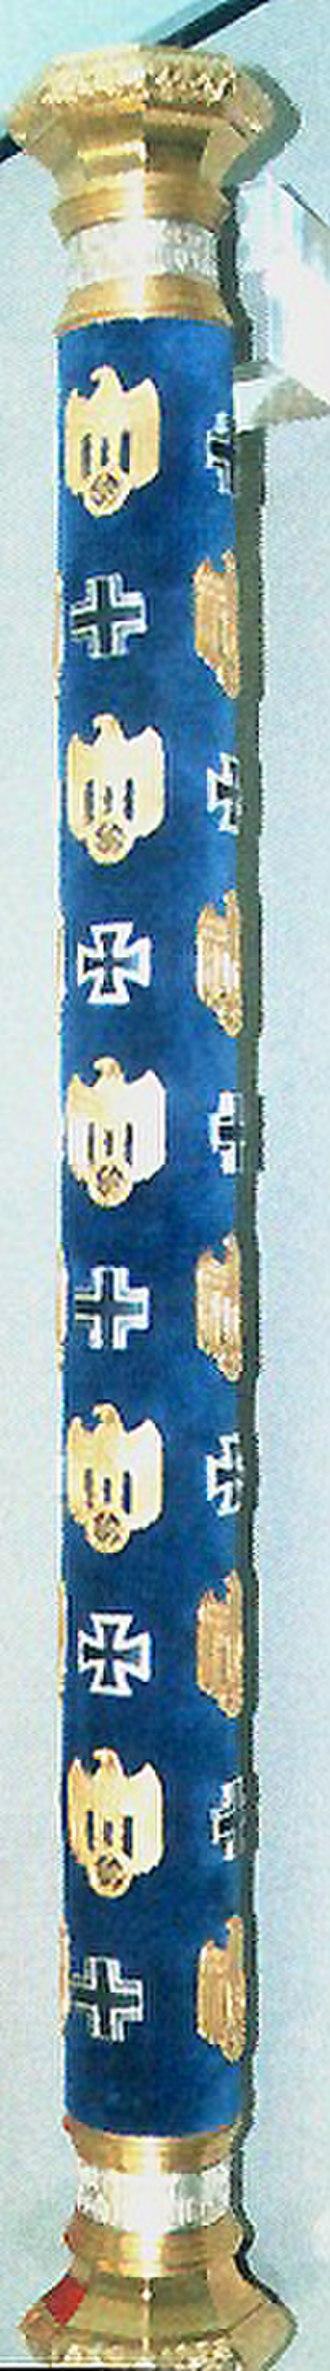 Generalfeldmarschall - Marshal's baton of Wolfram von Richthofen